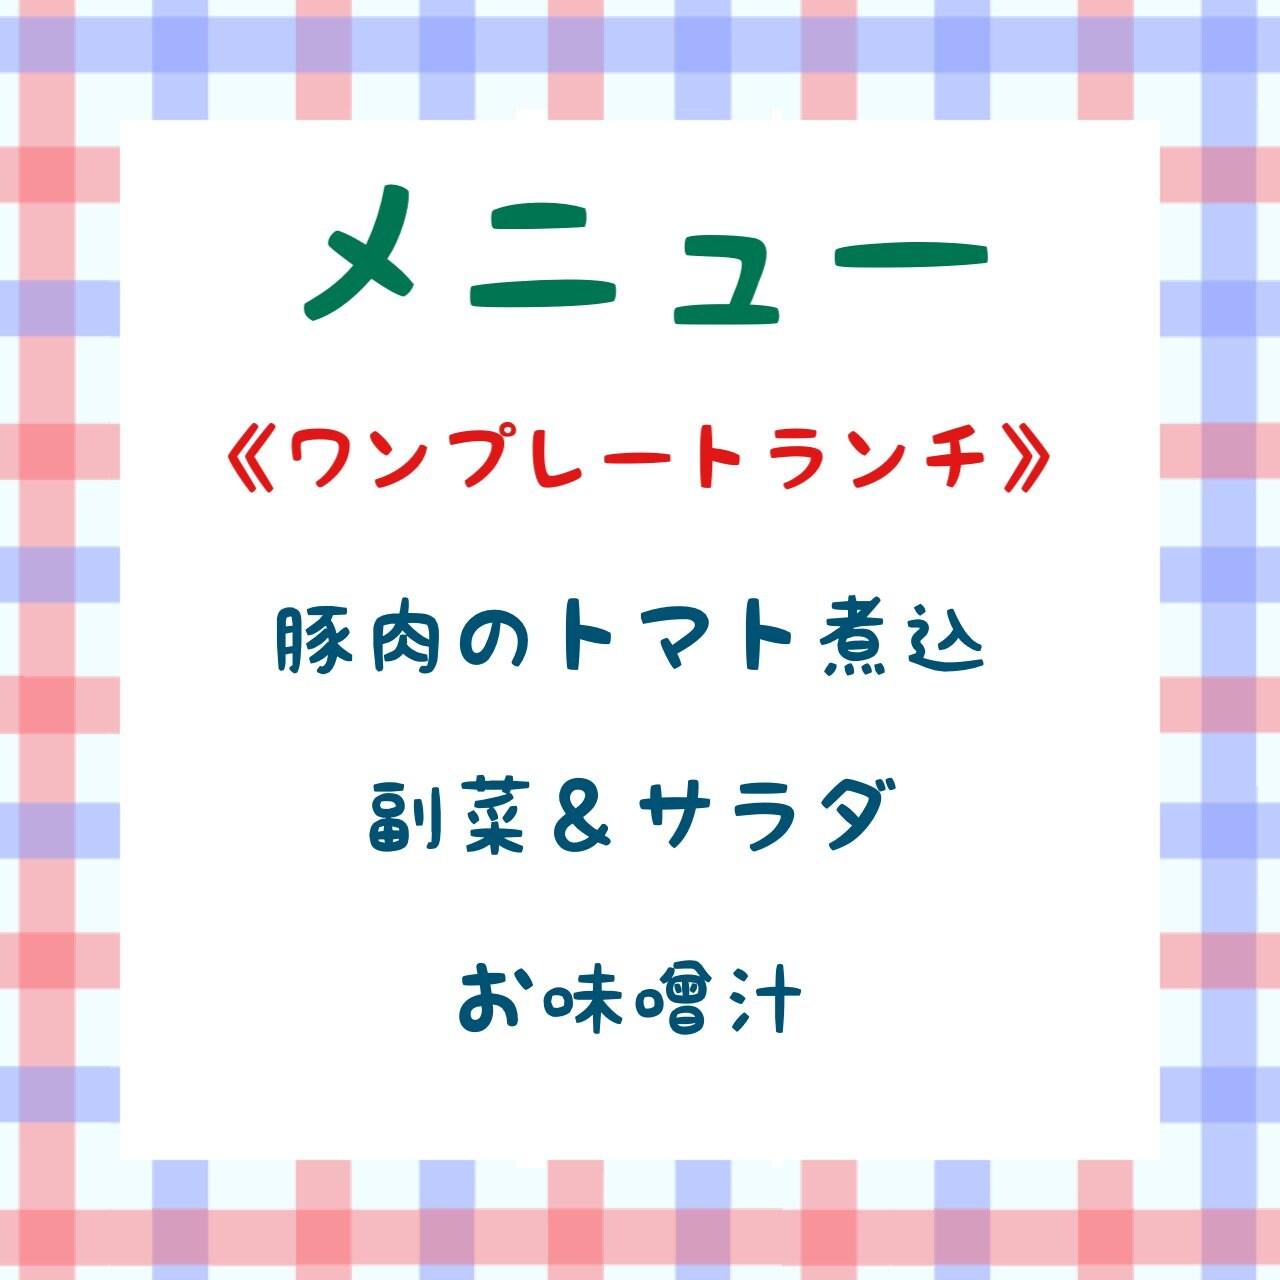 10月23日【事前予約ランチチケット】《限定30食》 ヘルスベース泉大津で当日限りご使用いただけるチケットです。のイメージその2